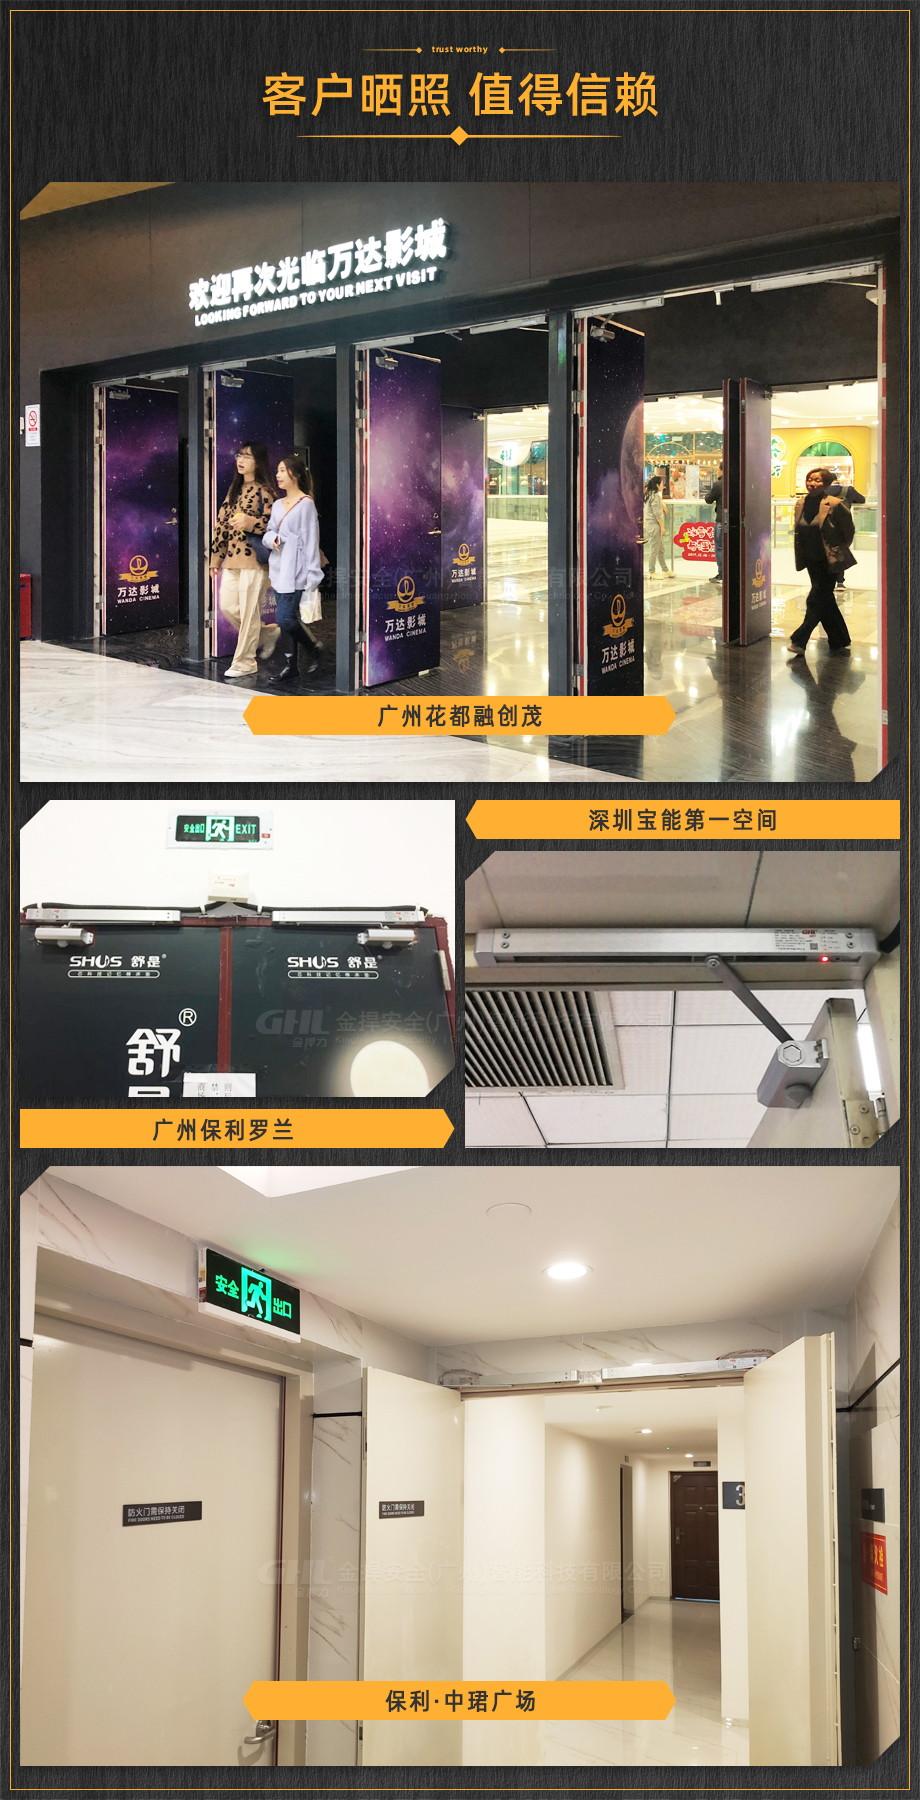 客户晒照,值得信赖。广州融创茂、保利罗兰、深圳宝能第一空间等使用金捍力电动闭门器。